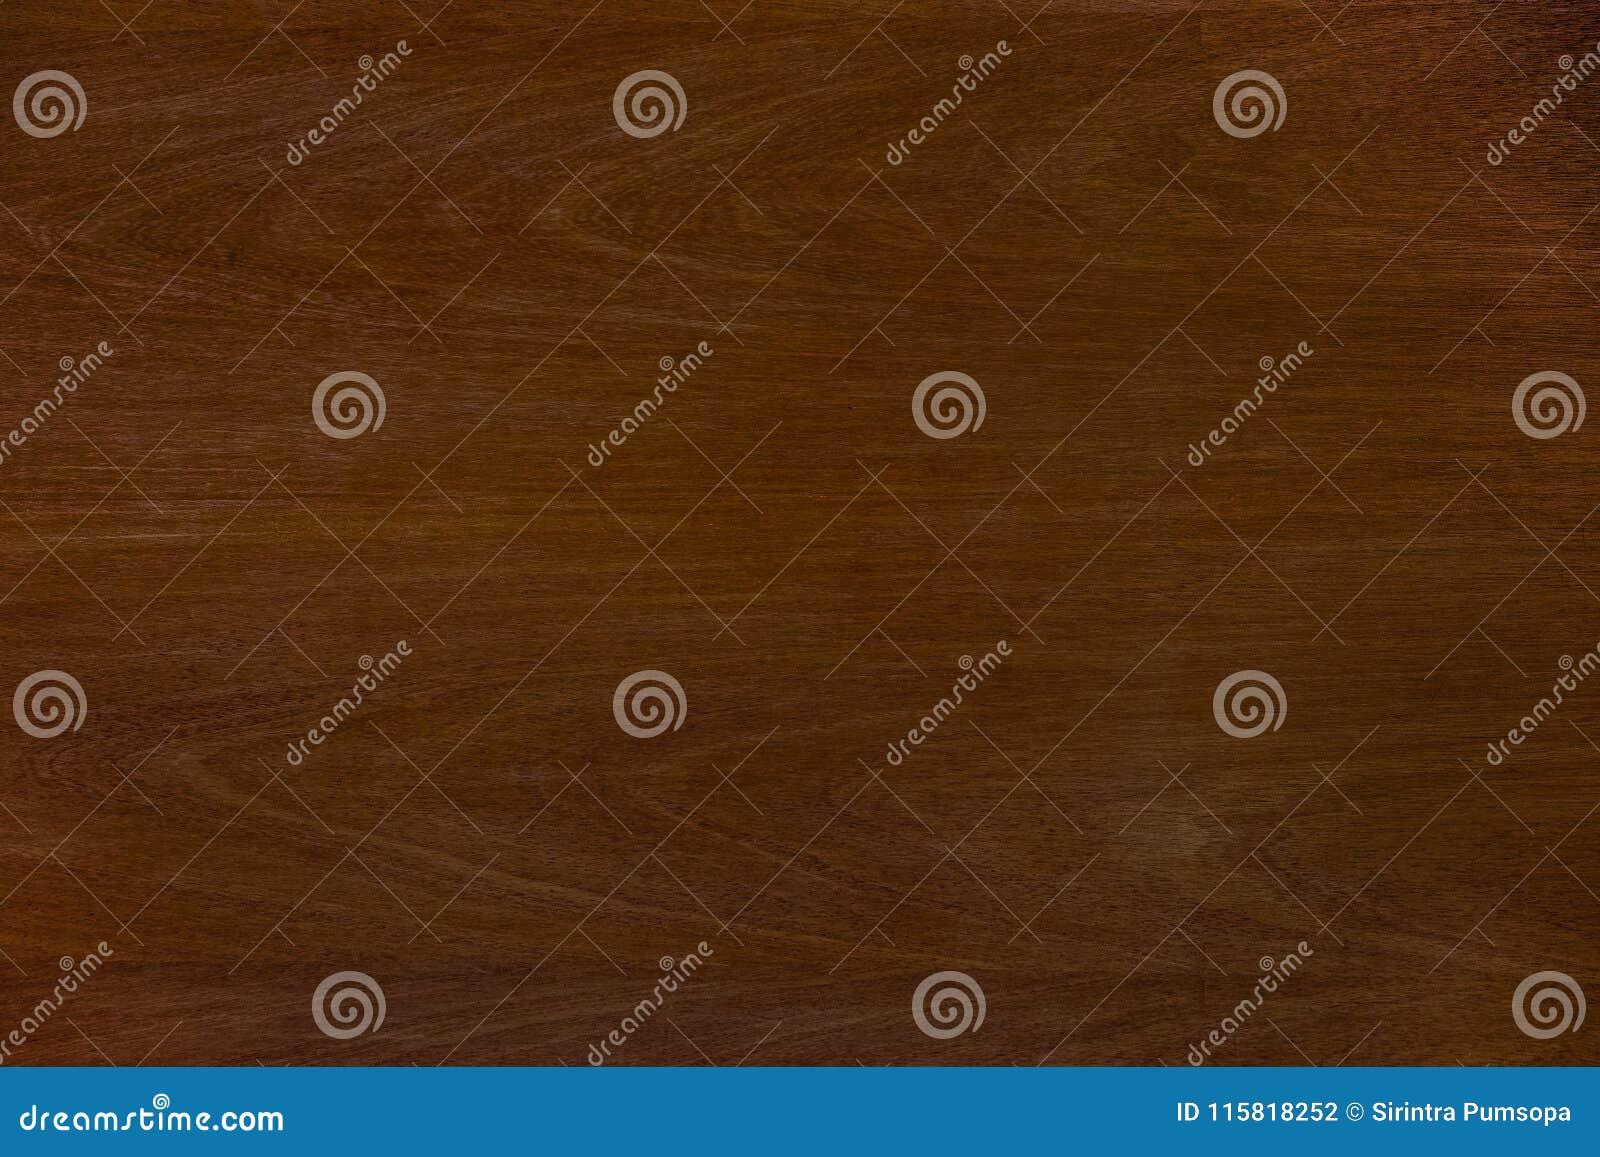 Donkere de textuurachtergrond van de Teak houten bruine korrel Aard grunge klopje